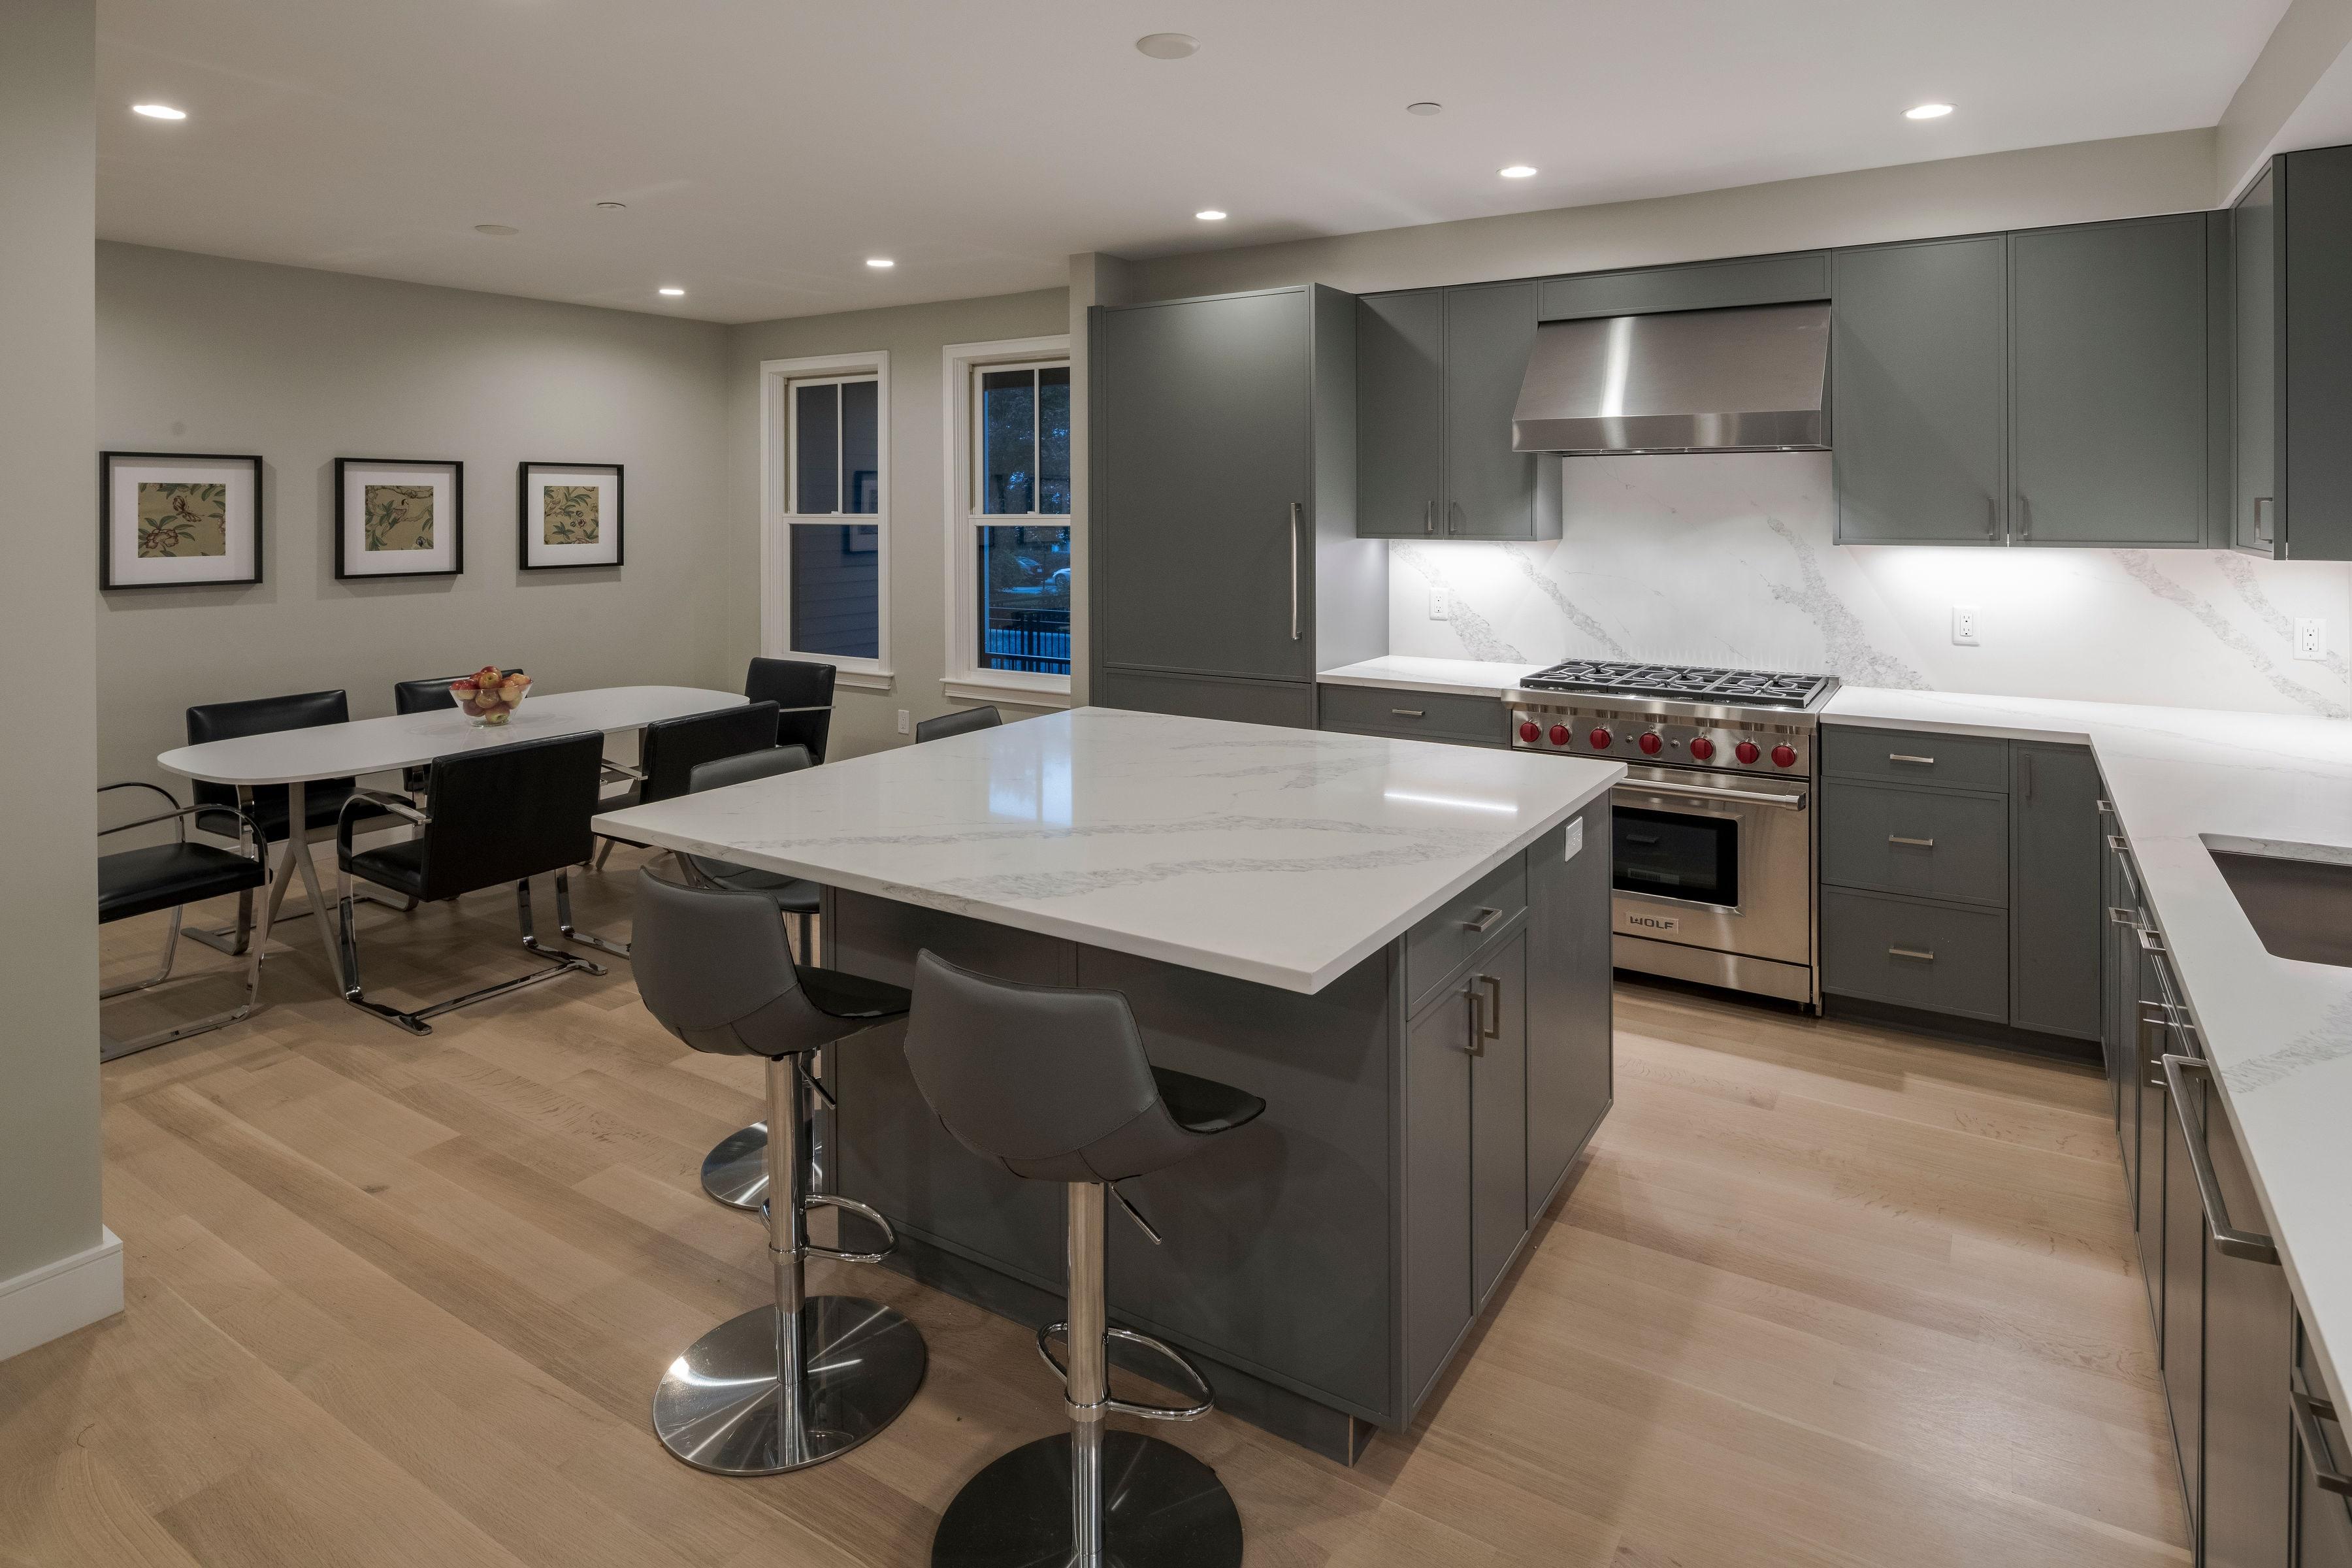 59 Auburn St. Kitchen 2